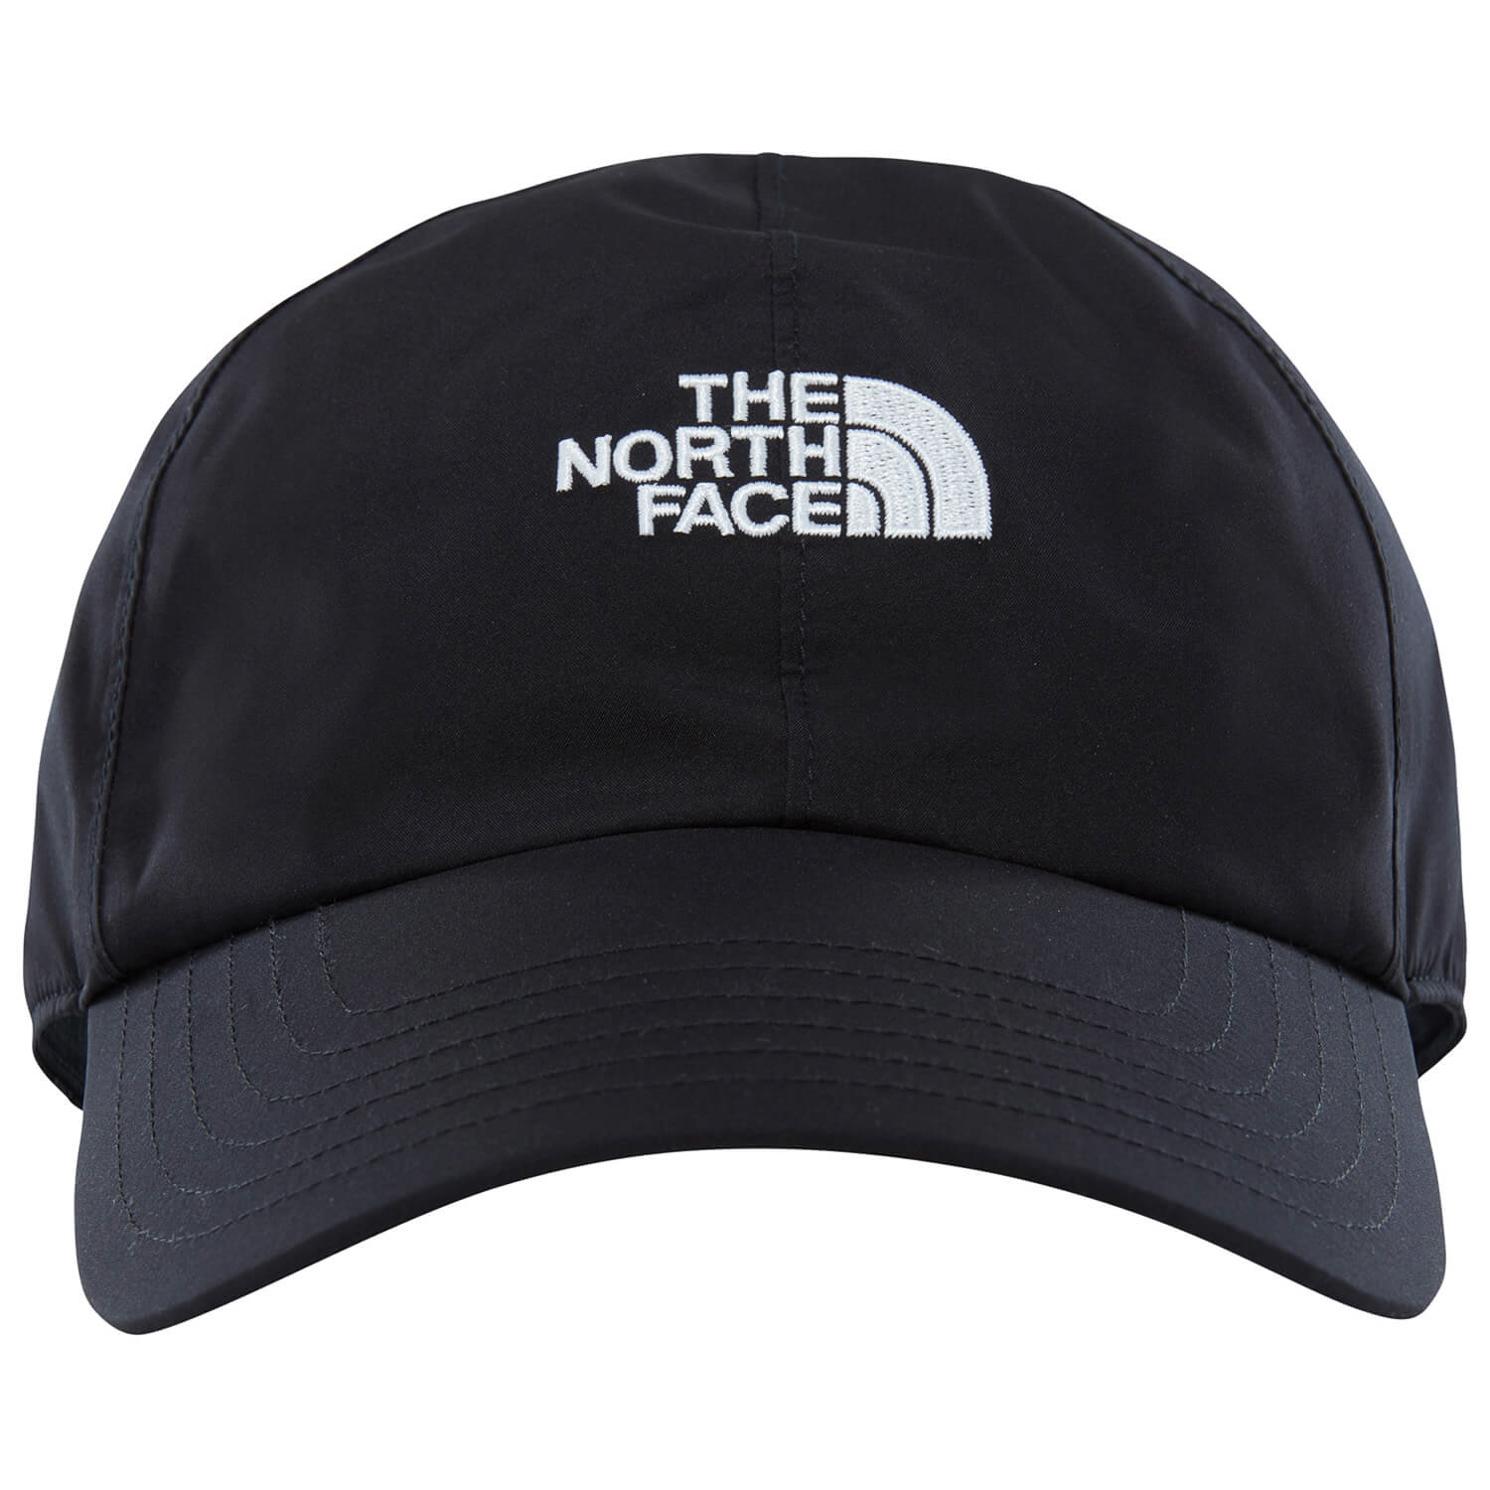 ed2d449f7c The North Face Logo Gore Hat - Casquette | Achat en ligne | Alpiniste.fr